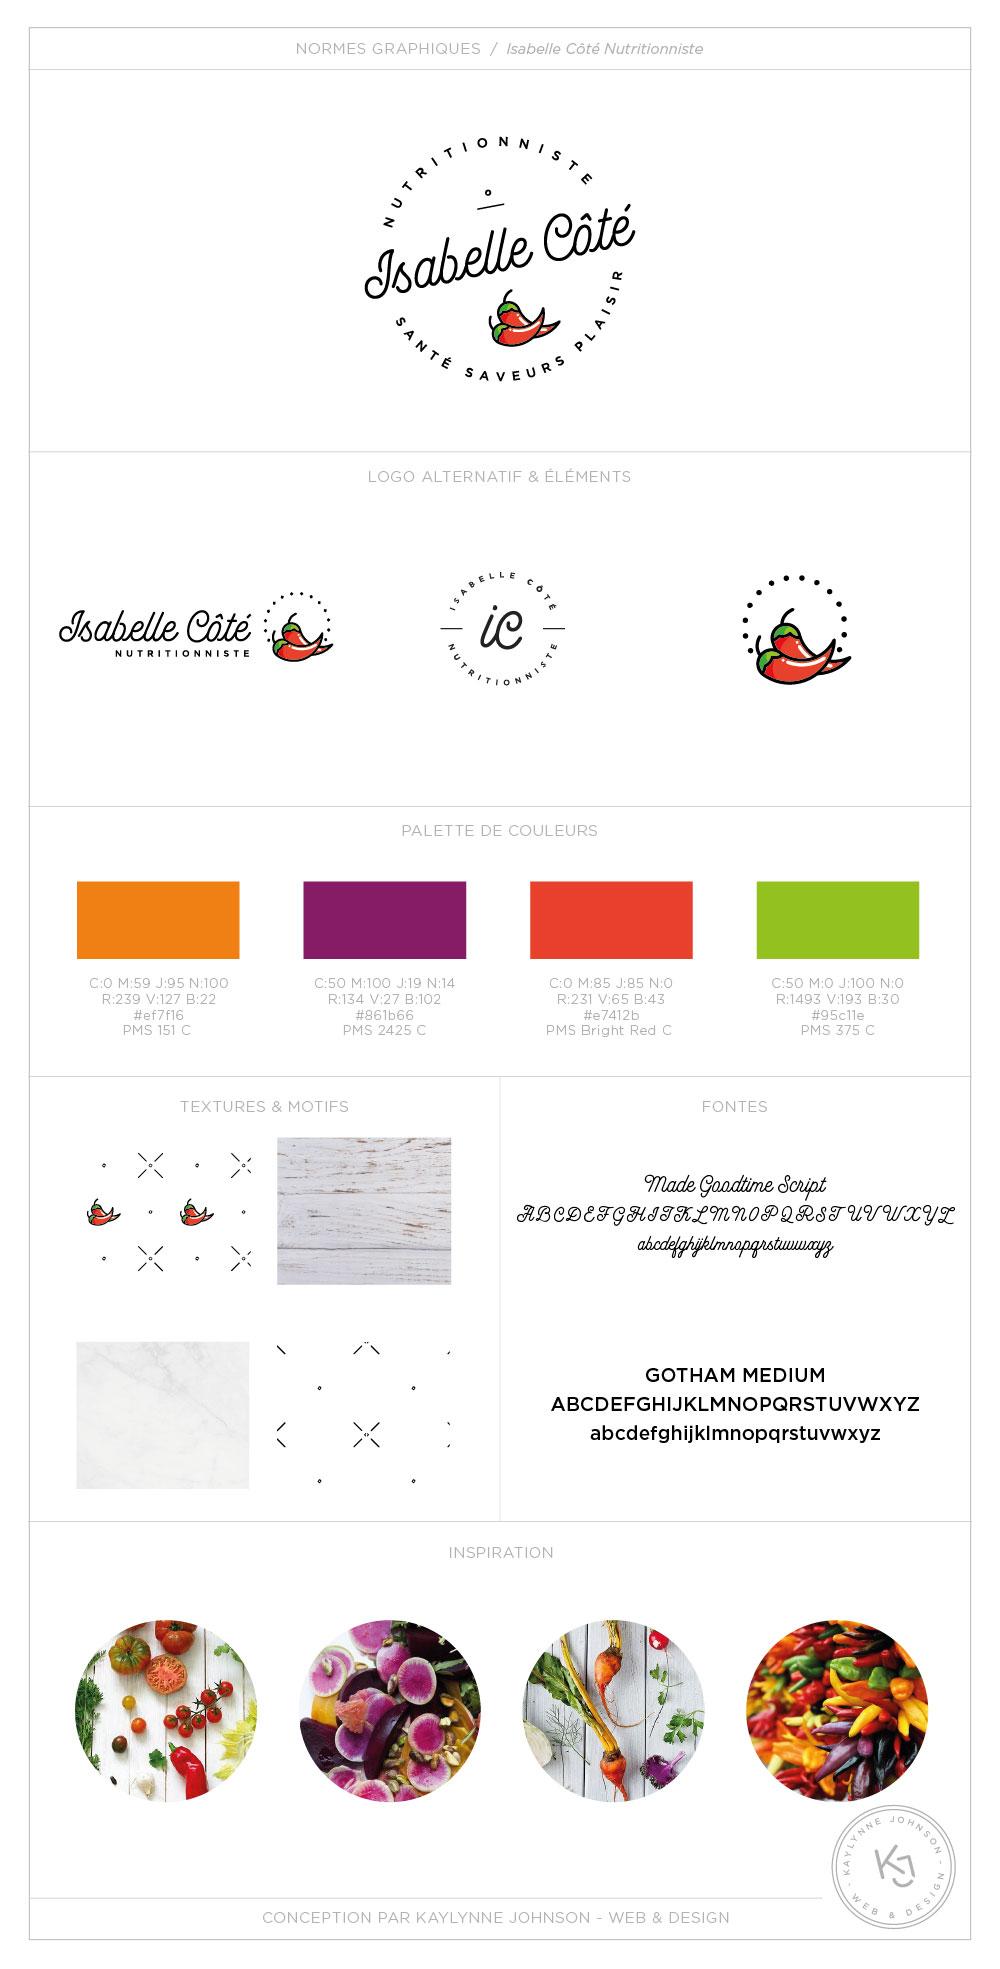 Normes graphiques pour l'image de marque de Isabelle Côté Nutritionniste - Branding par Kaylynne Johnson - web & design